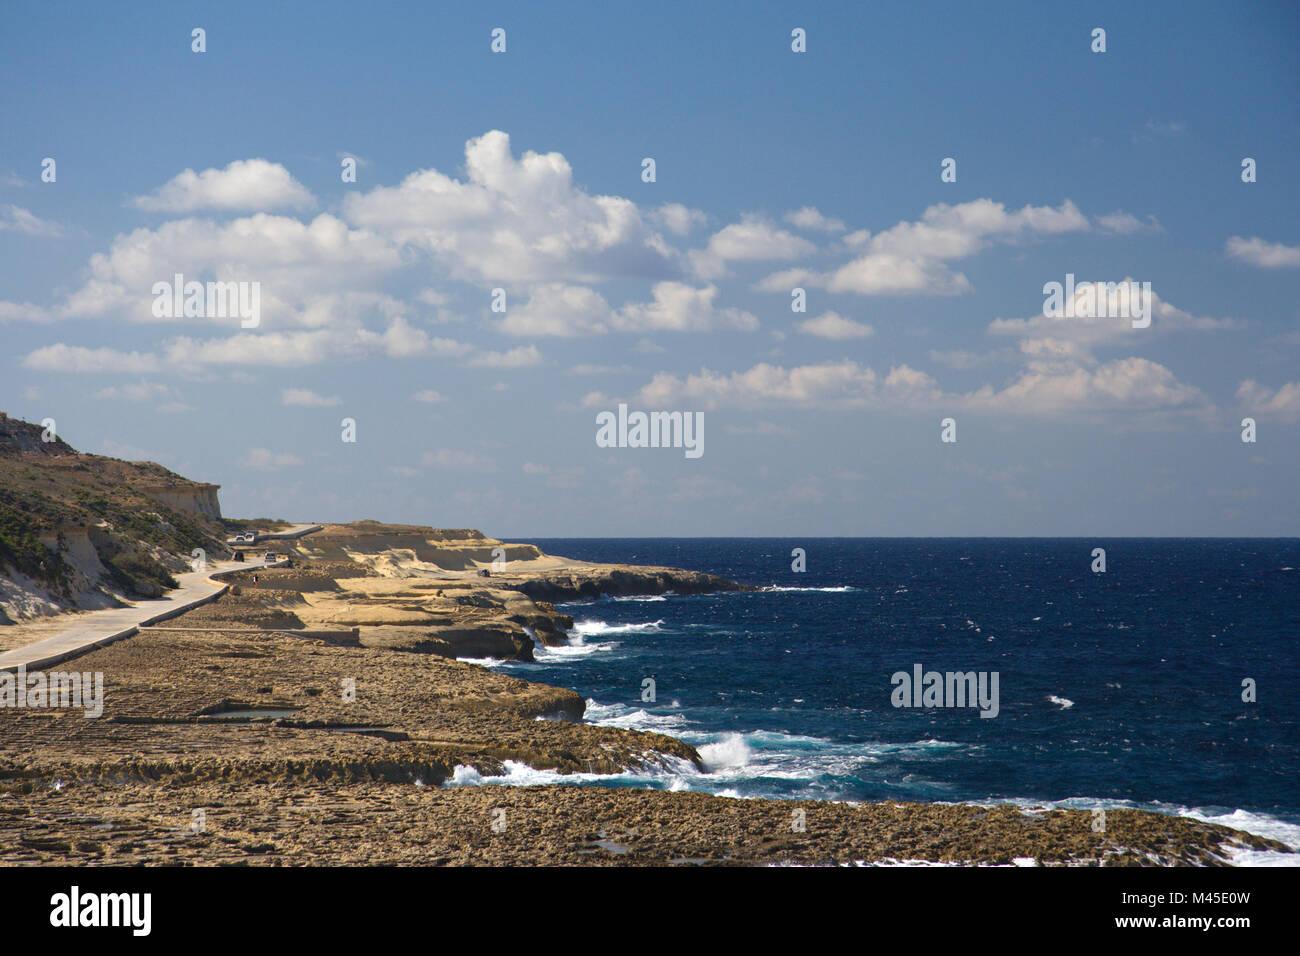 La Gozo costa del nord con una delle poche strade della costa e alcuni non così pochi piccoli salinas/miniere Immagini Stock